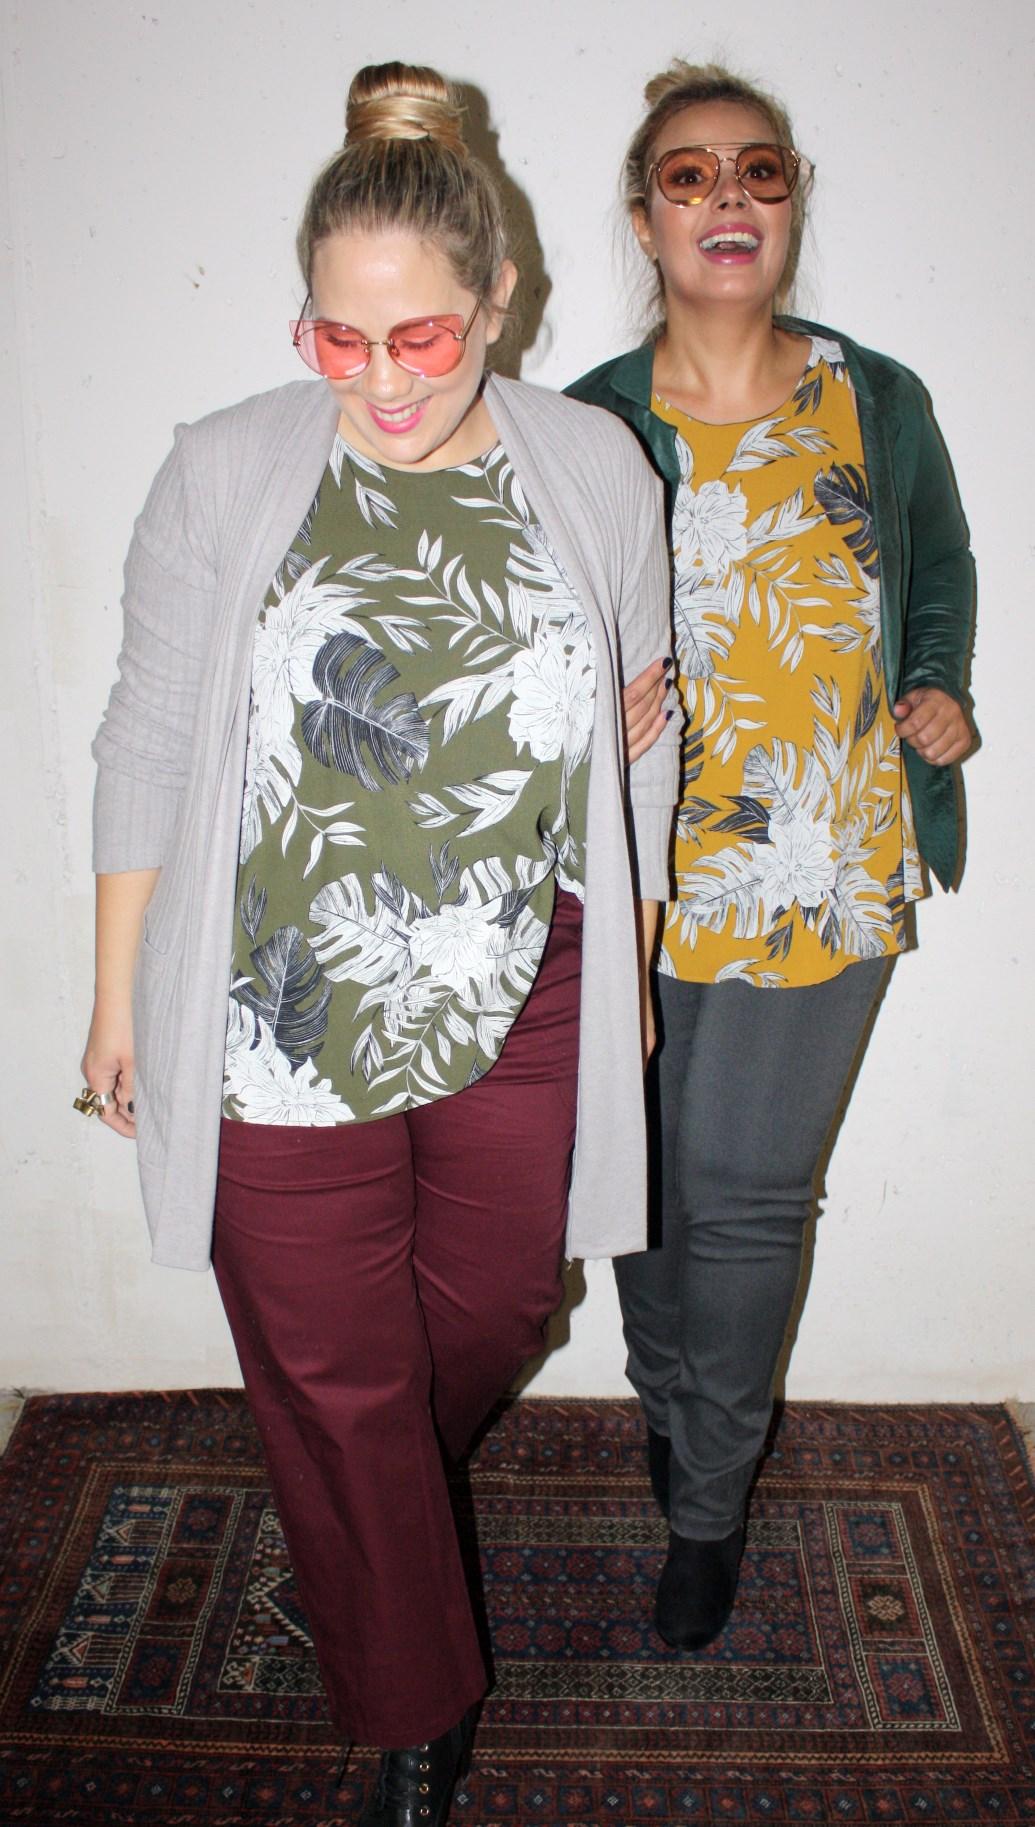 שבוע האופנה למידות גדולות. 21-24.11 יד חרוצים 11 תל אביב לןקים של טולה ב30 אחוז הנחה צילום יחצ